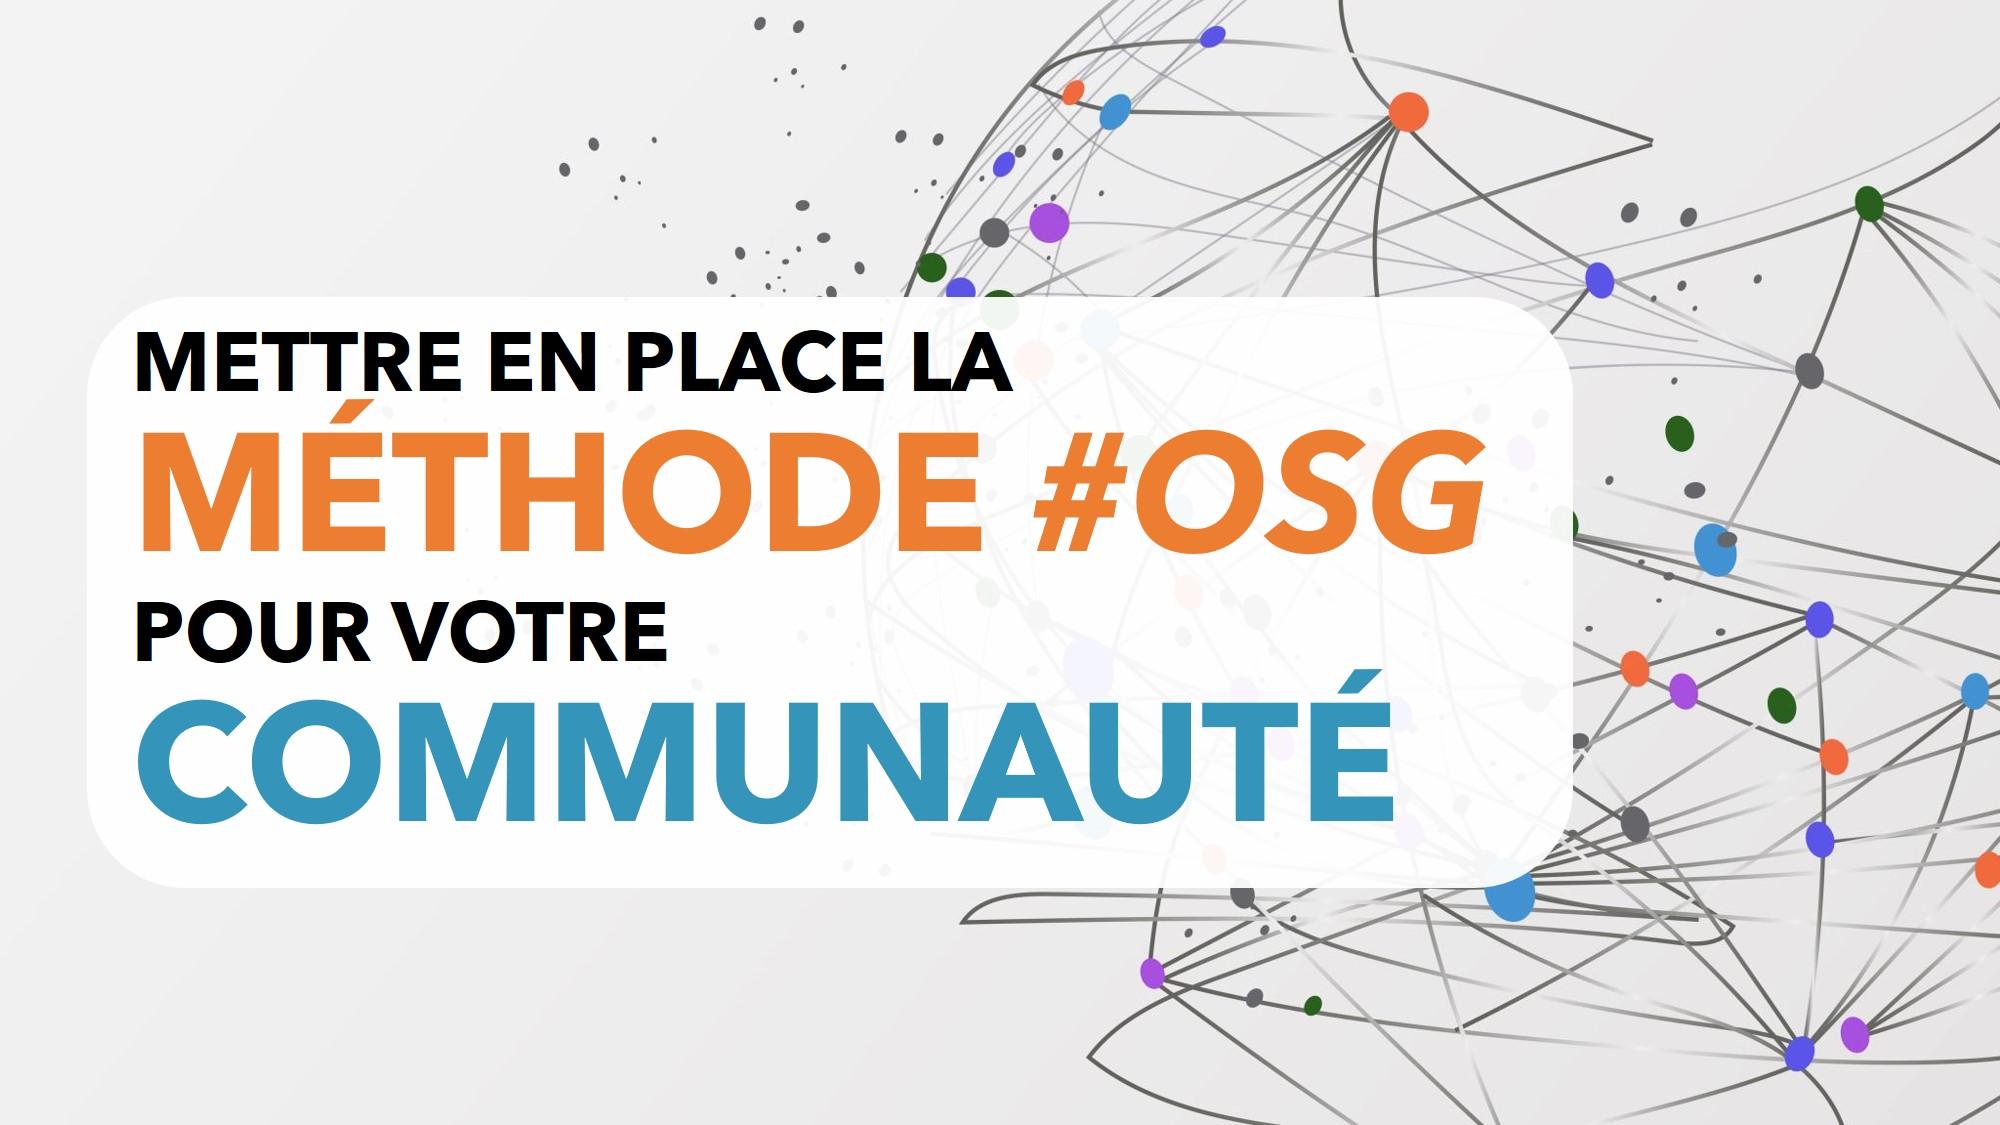 7 étapes pour mettre en place #OSG dans votre communauté